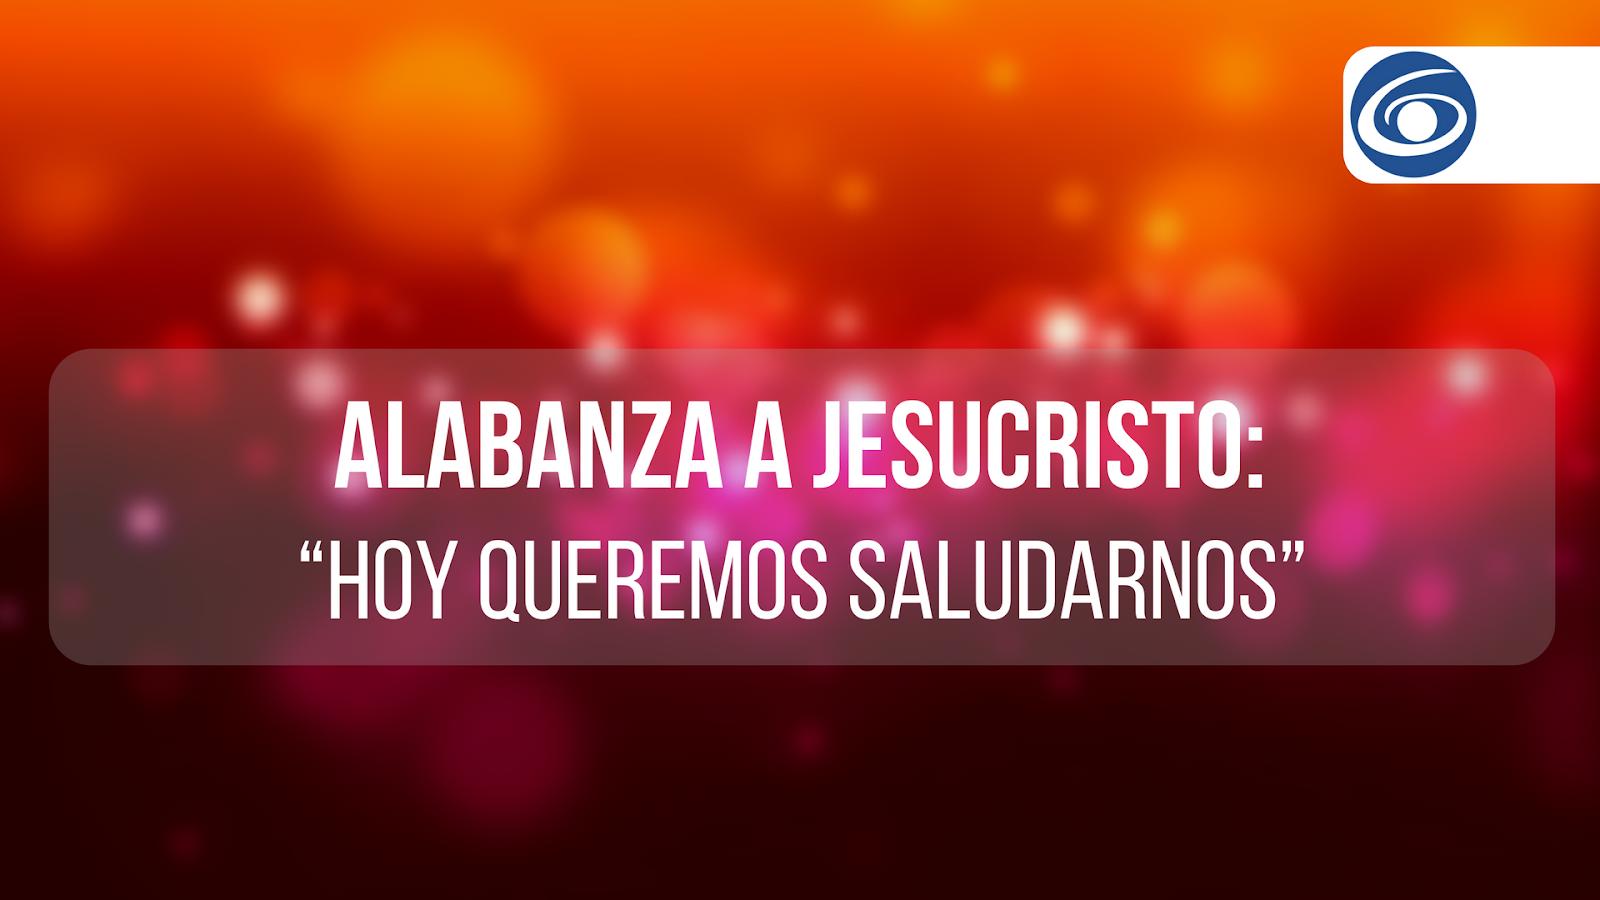 """Alabanza A Jesucristo: """"Hoy queremos saludarnos"""""""